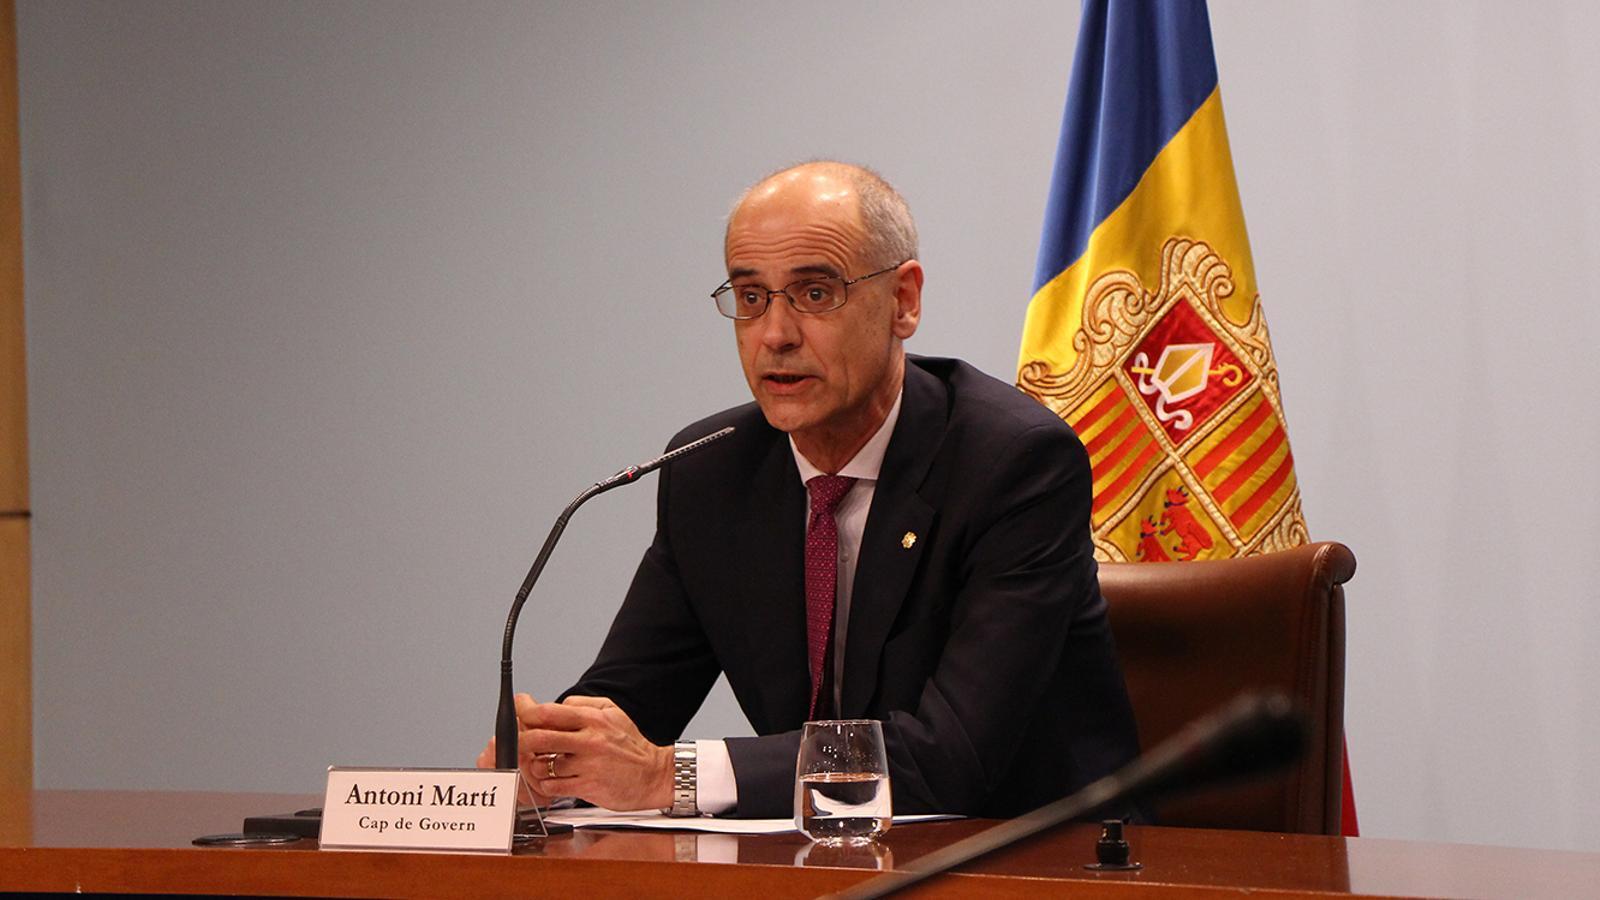 El cap de Govern, Toni Martí, durant l'anunci de les dates per a la celebració de les eleccions generals. / M. F. (ANA)